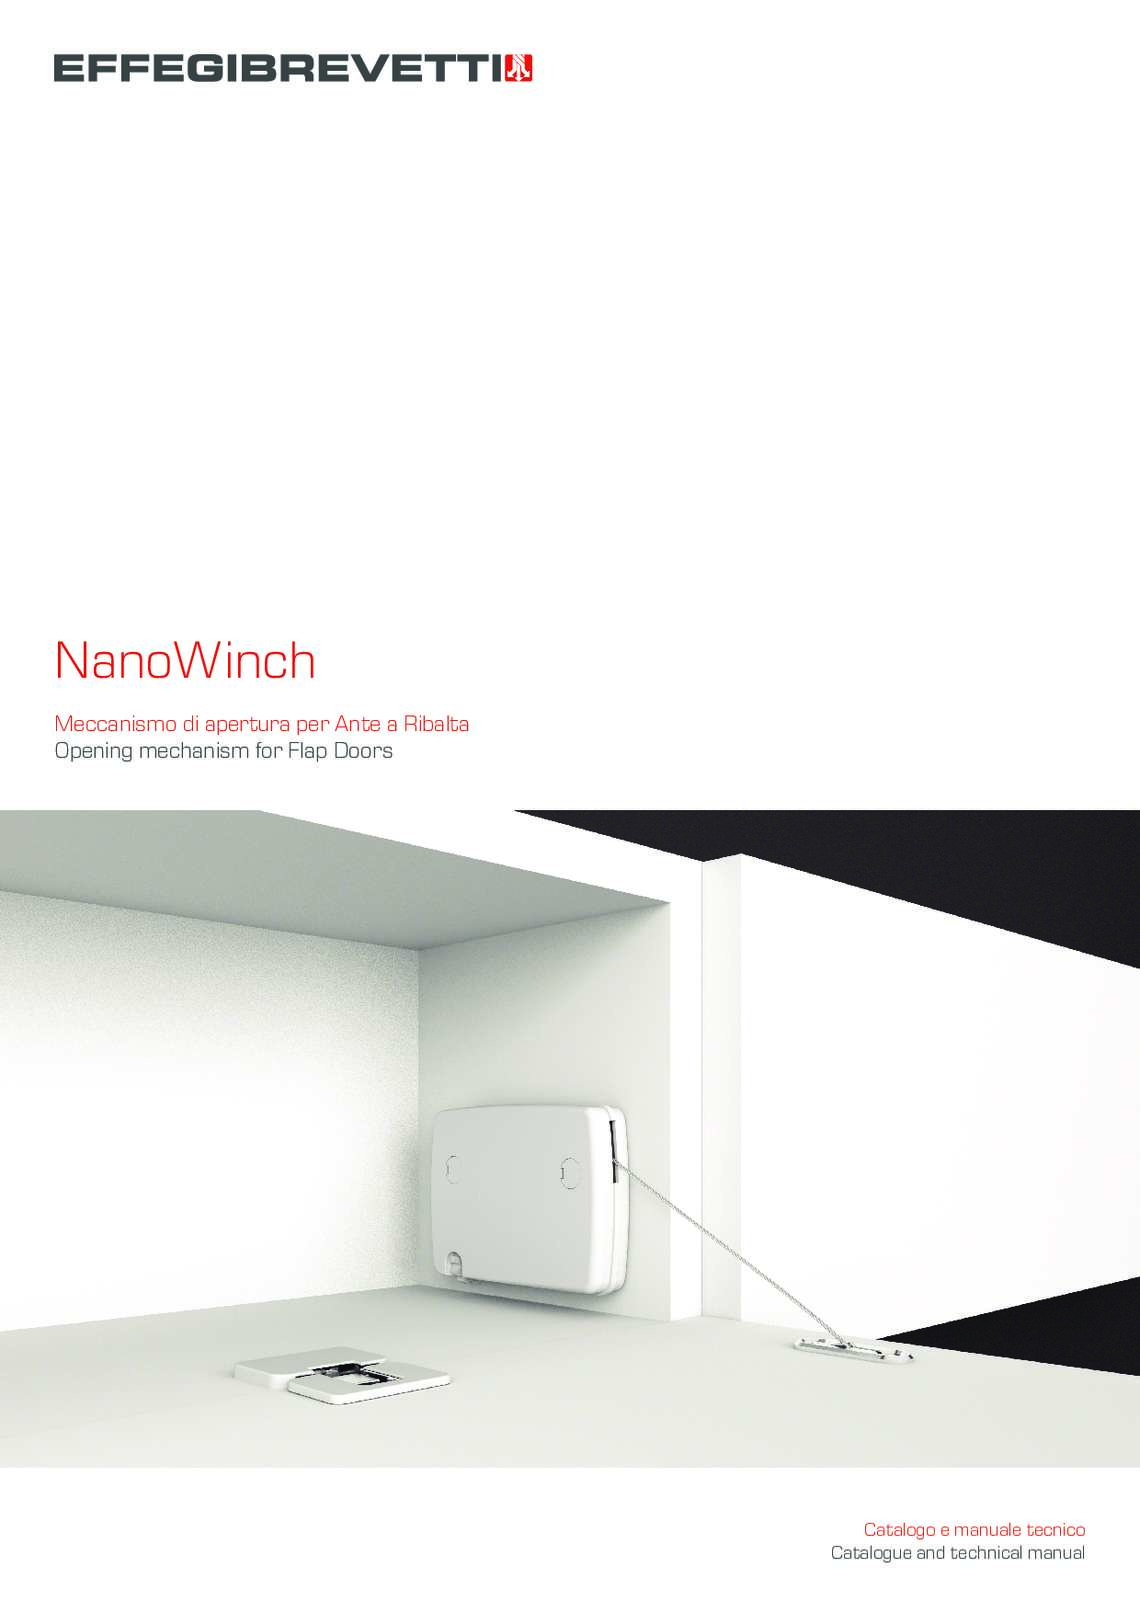 NanoWinch - Opening mechanism for Flap Doors